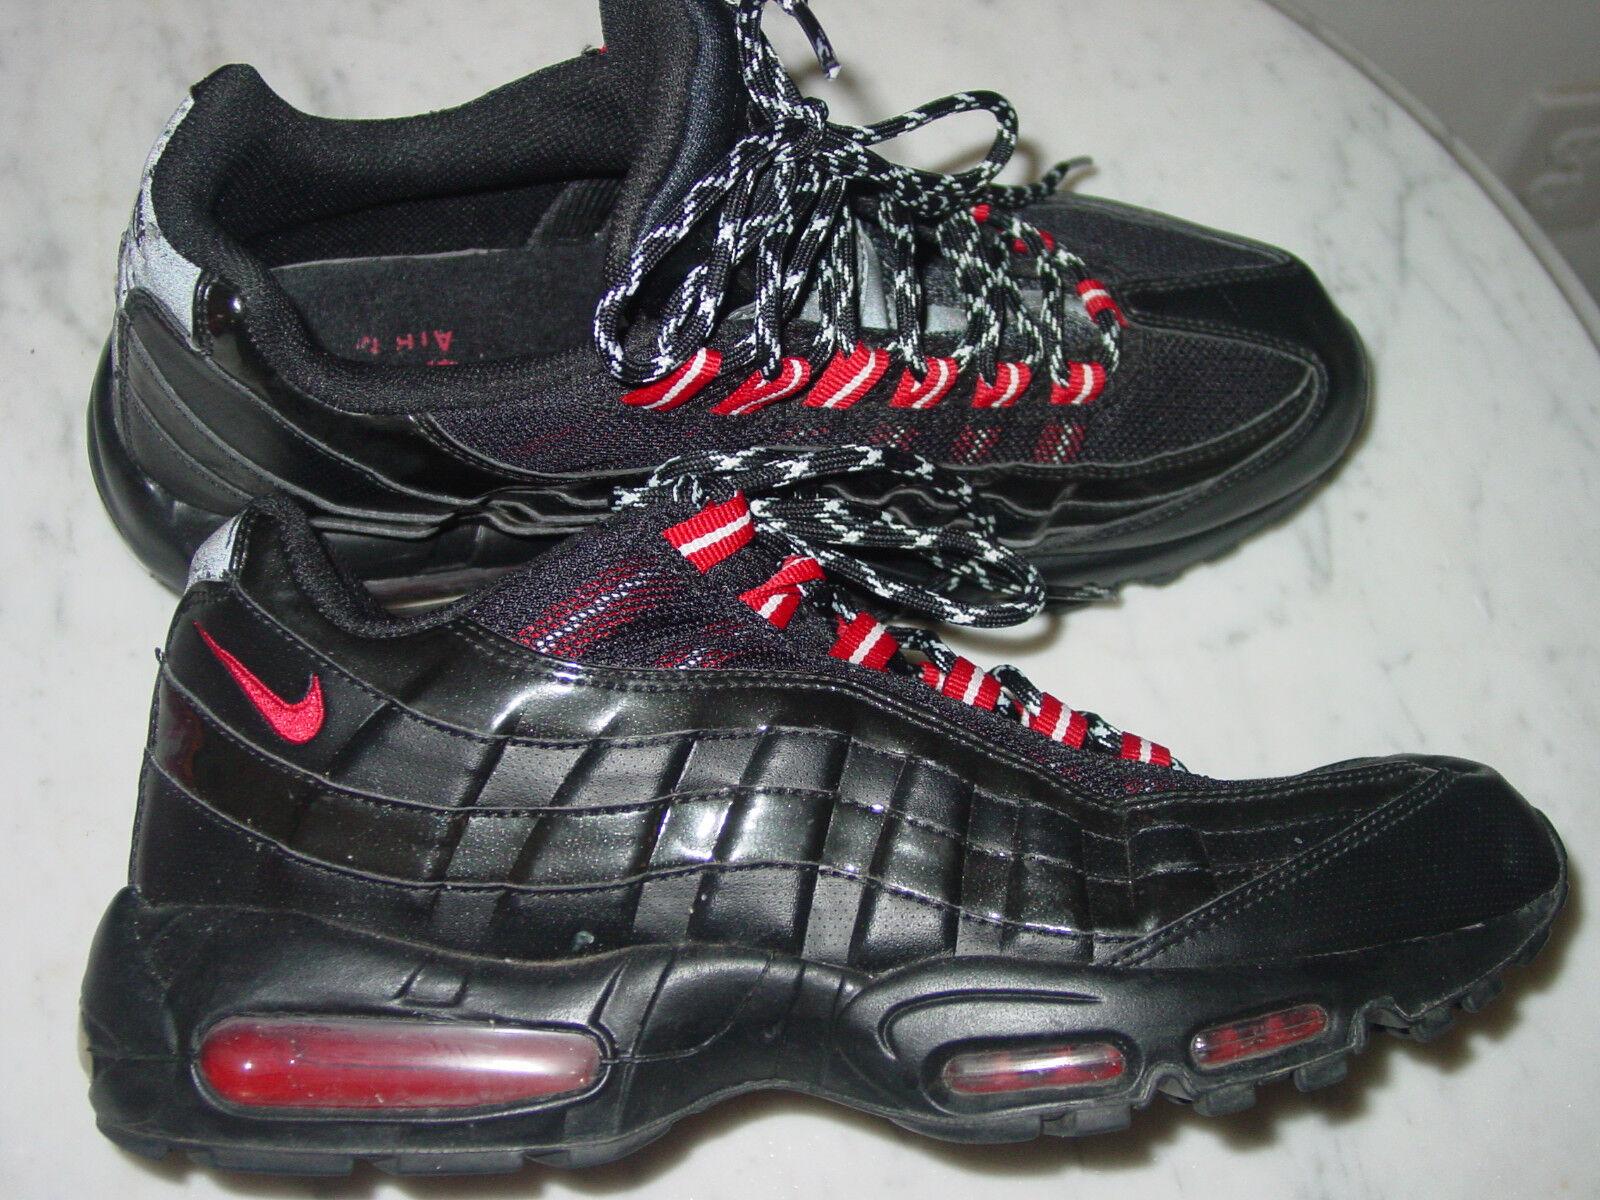 2010 rote bei nike air max 95 schwarz / uni rote 2010 lackleder laufschuhe größe 11. ee4652